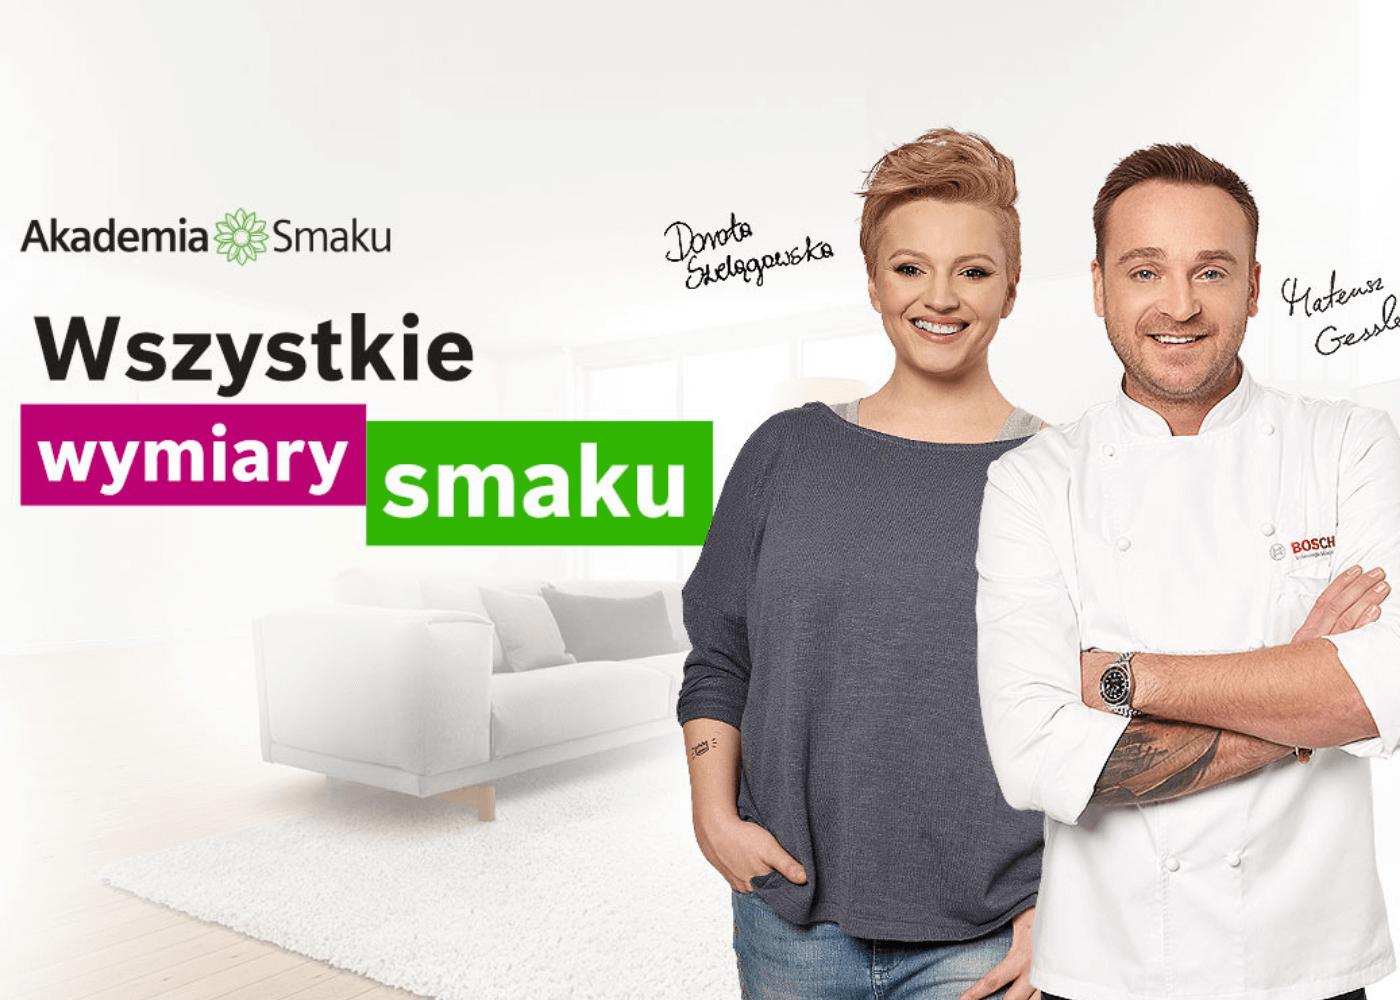 akademia smaku bosch contenthouse 2019